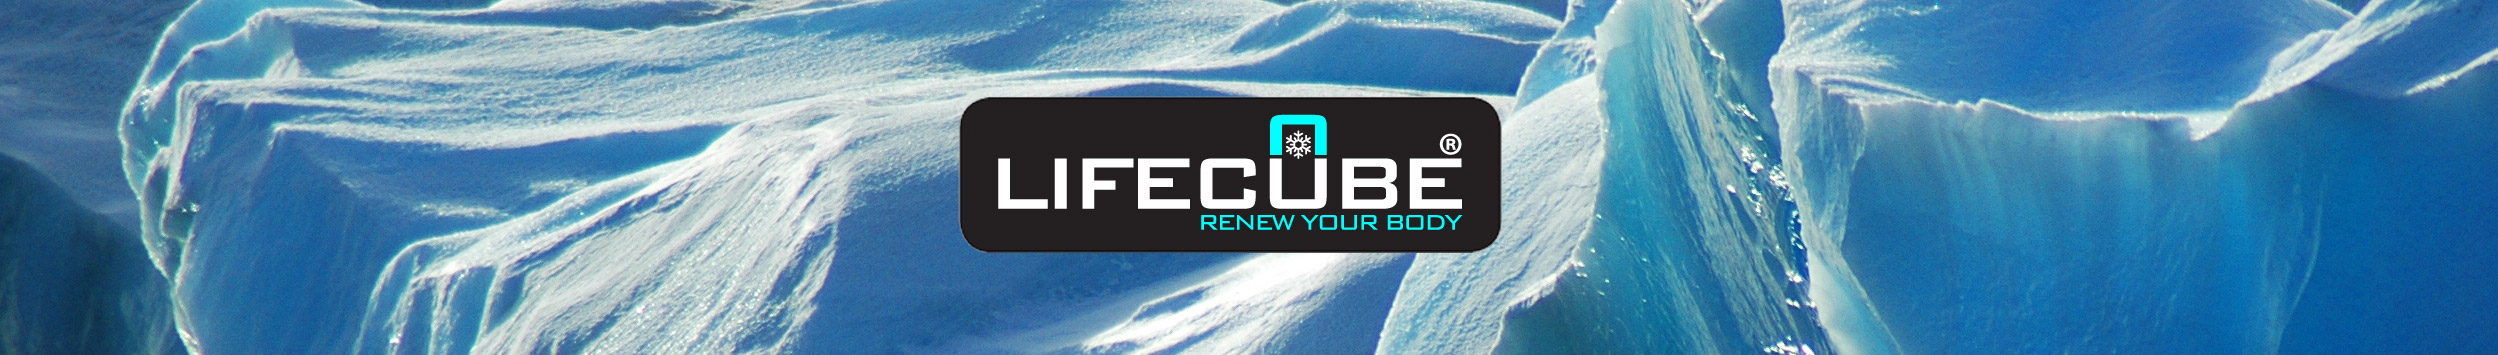 Lifecube Kältekammer Eis